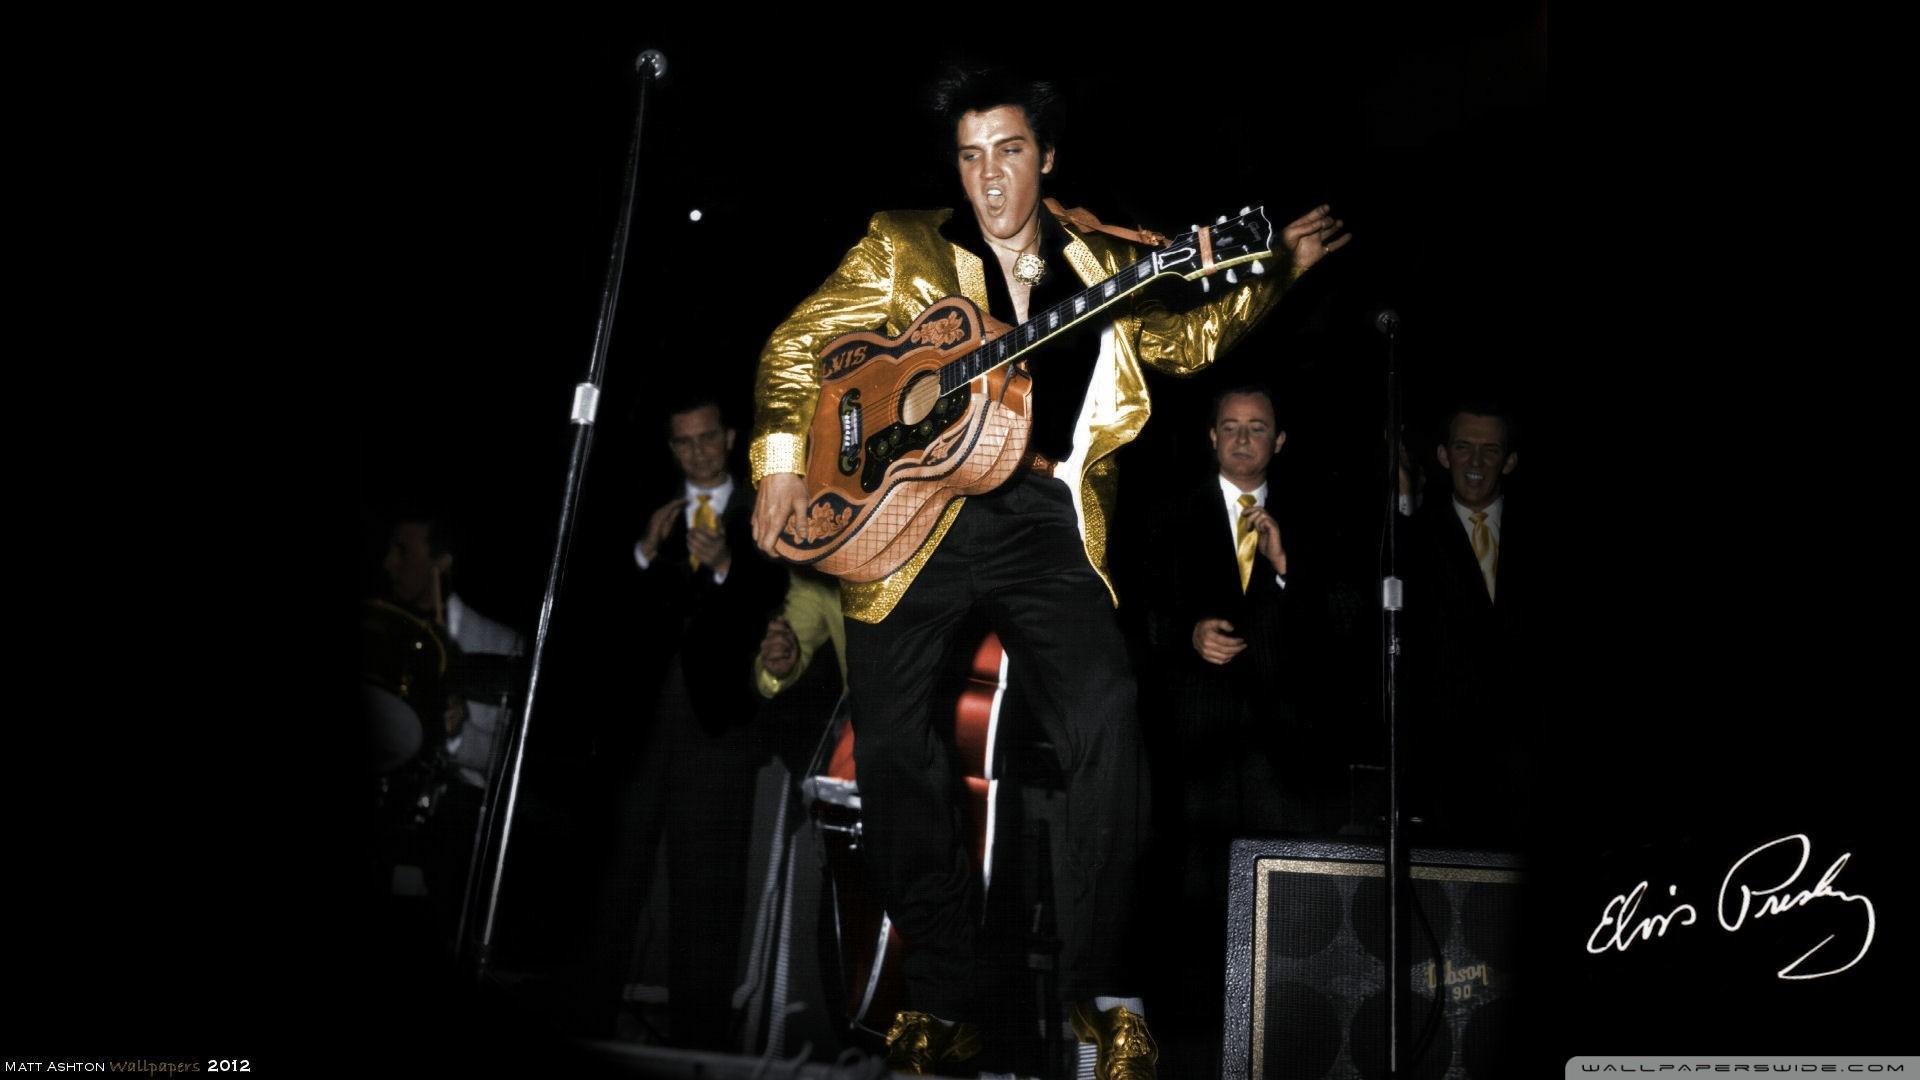 Best 15 Elvis Presley HD Wallpapers